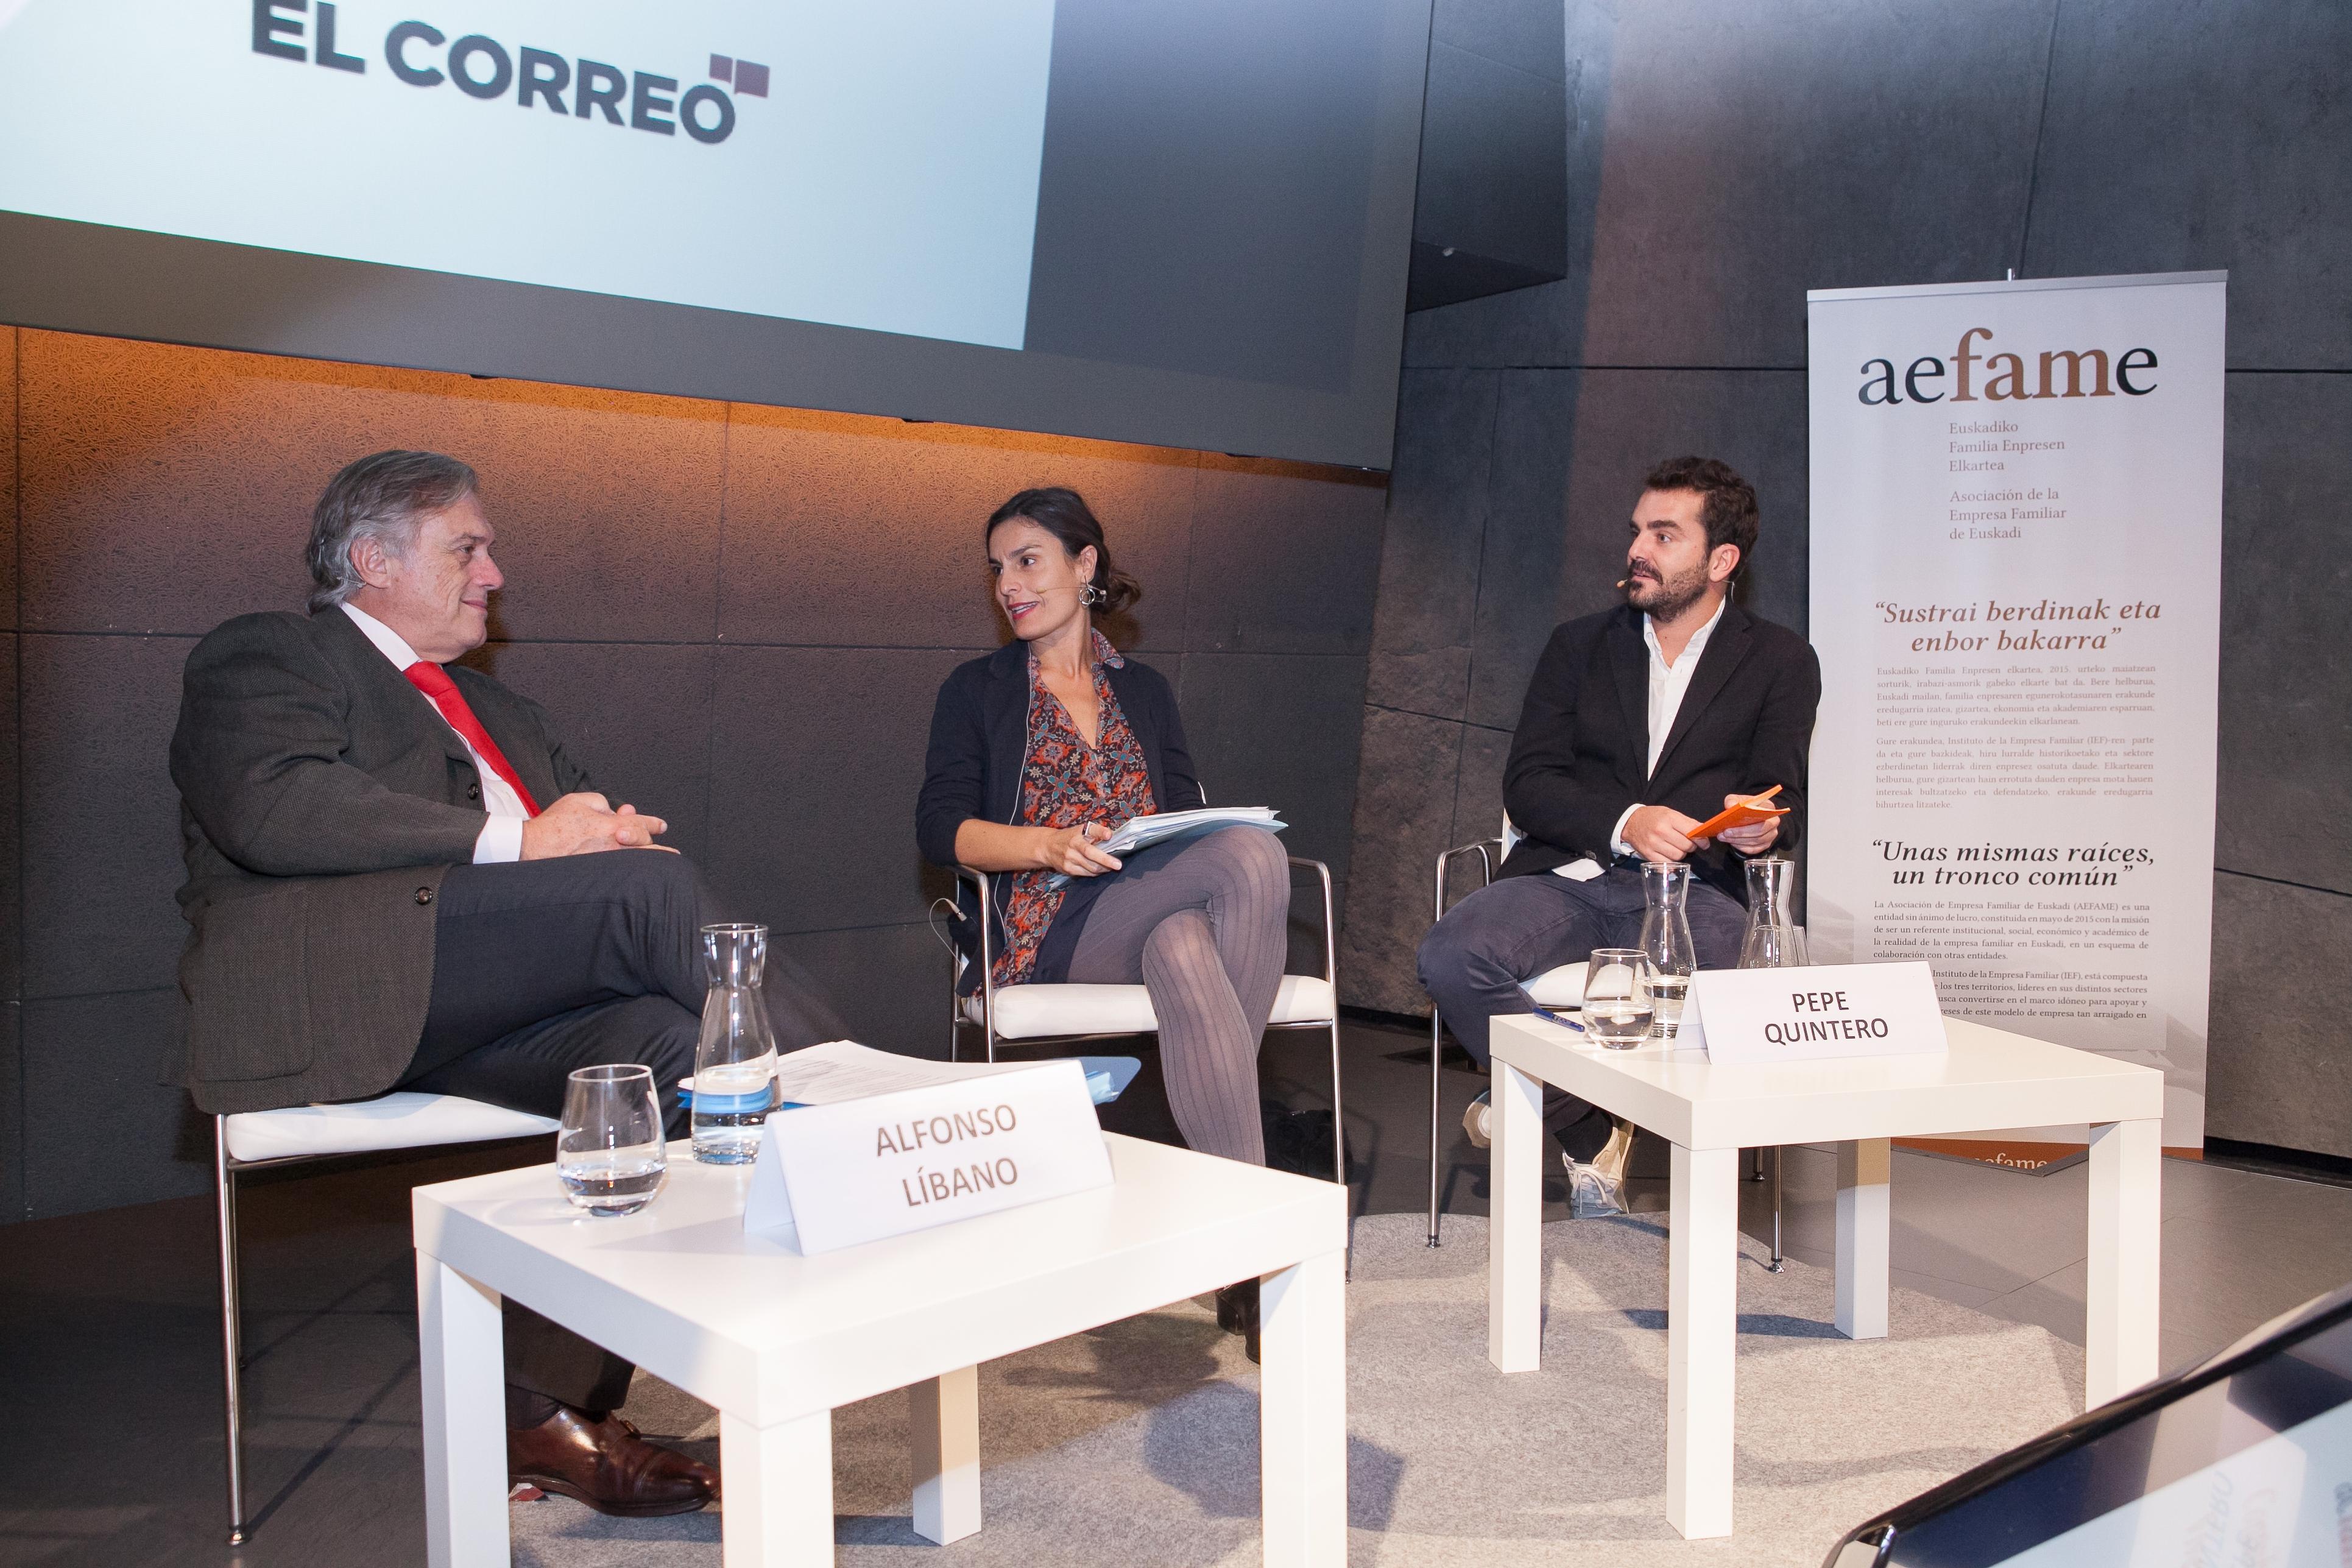 Momento de la Mesa Redonda de Alfonso Líbano y Pepe Quintero con la periodista Ana Barandiarán.